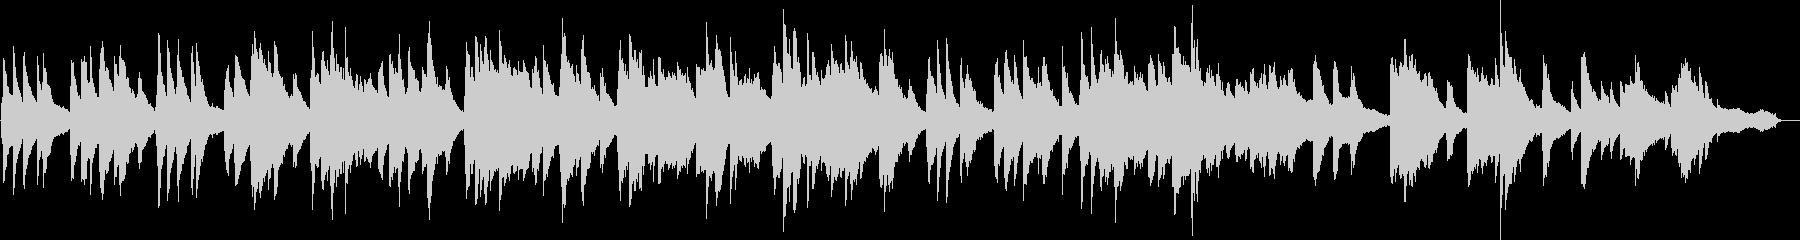 ほのぼのとしたピアノソロの未再生の波形